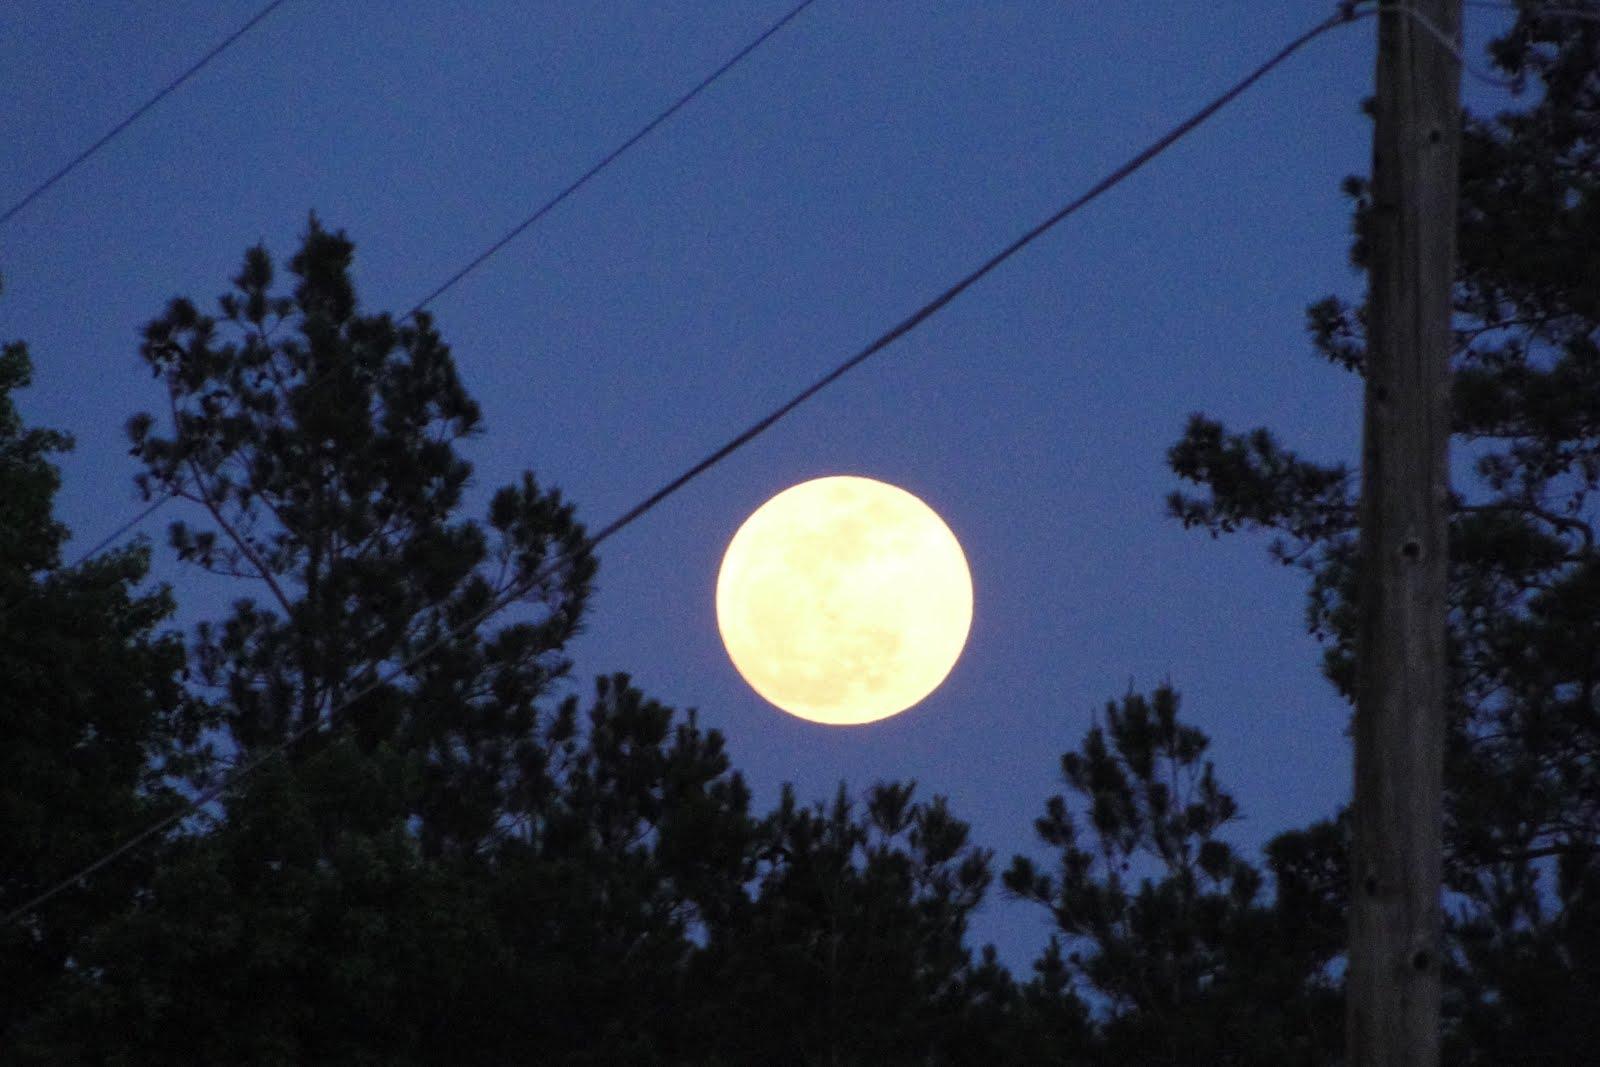 http://4.bp.blogspot.com/-EqWv3TAAUXM/T6XrrM-Y1hI/AAAAAAAALXM/UiIawNbrRAo/s1600/05may2012_super_moon_20-09-10.JPG